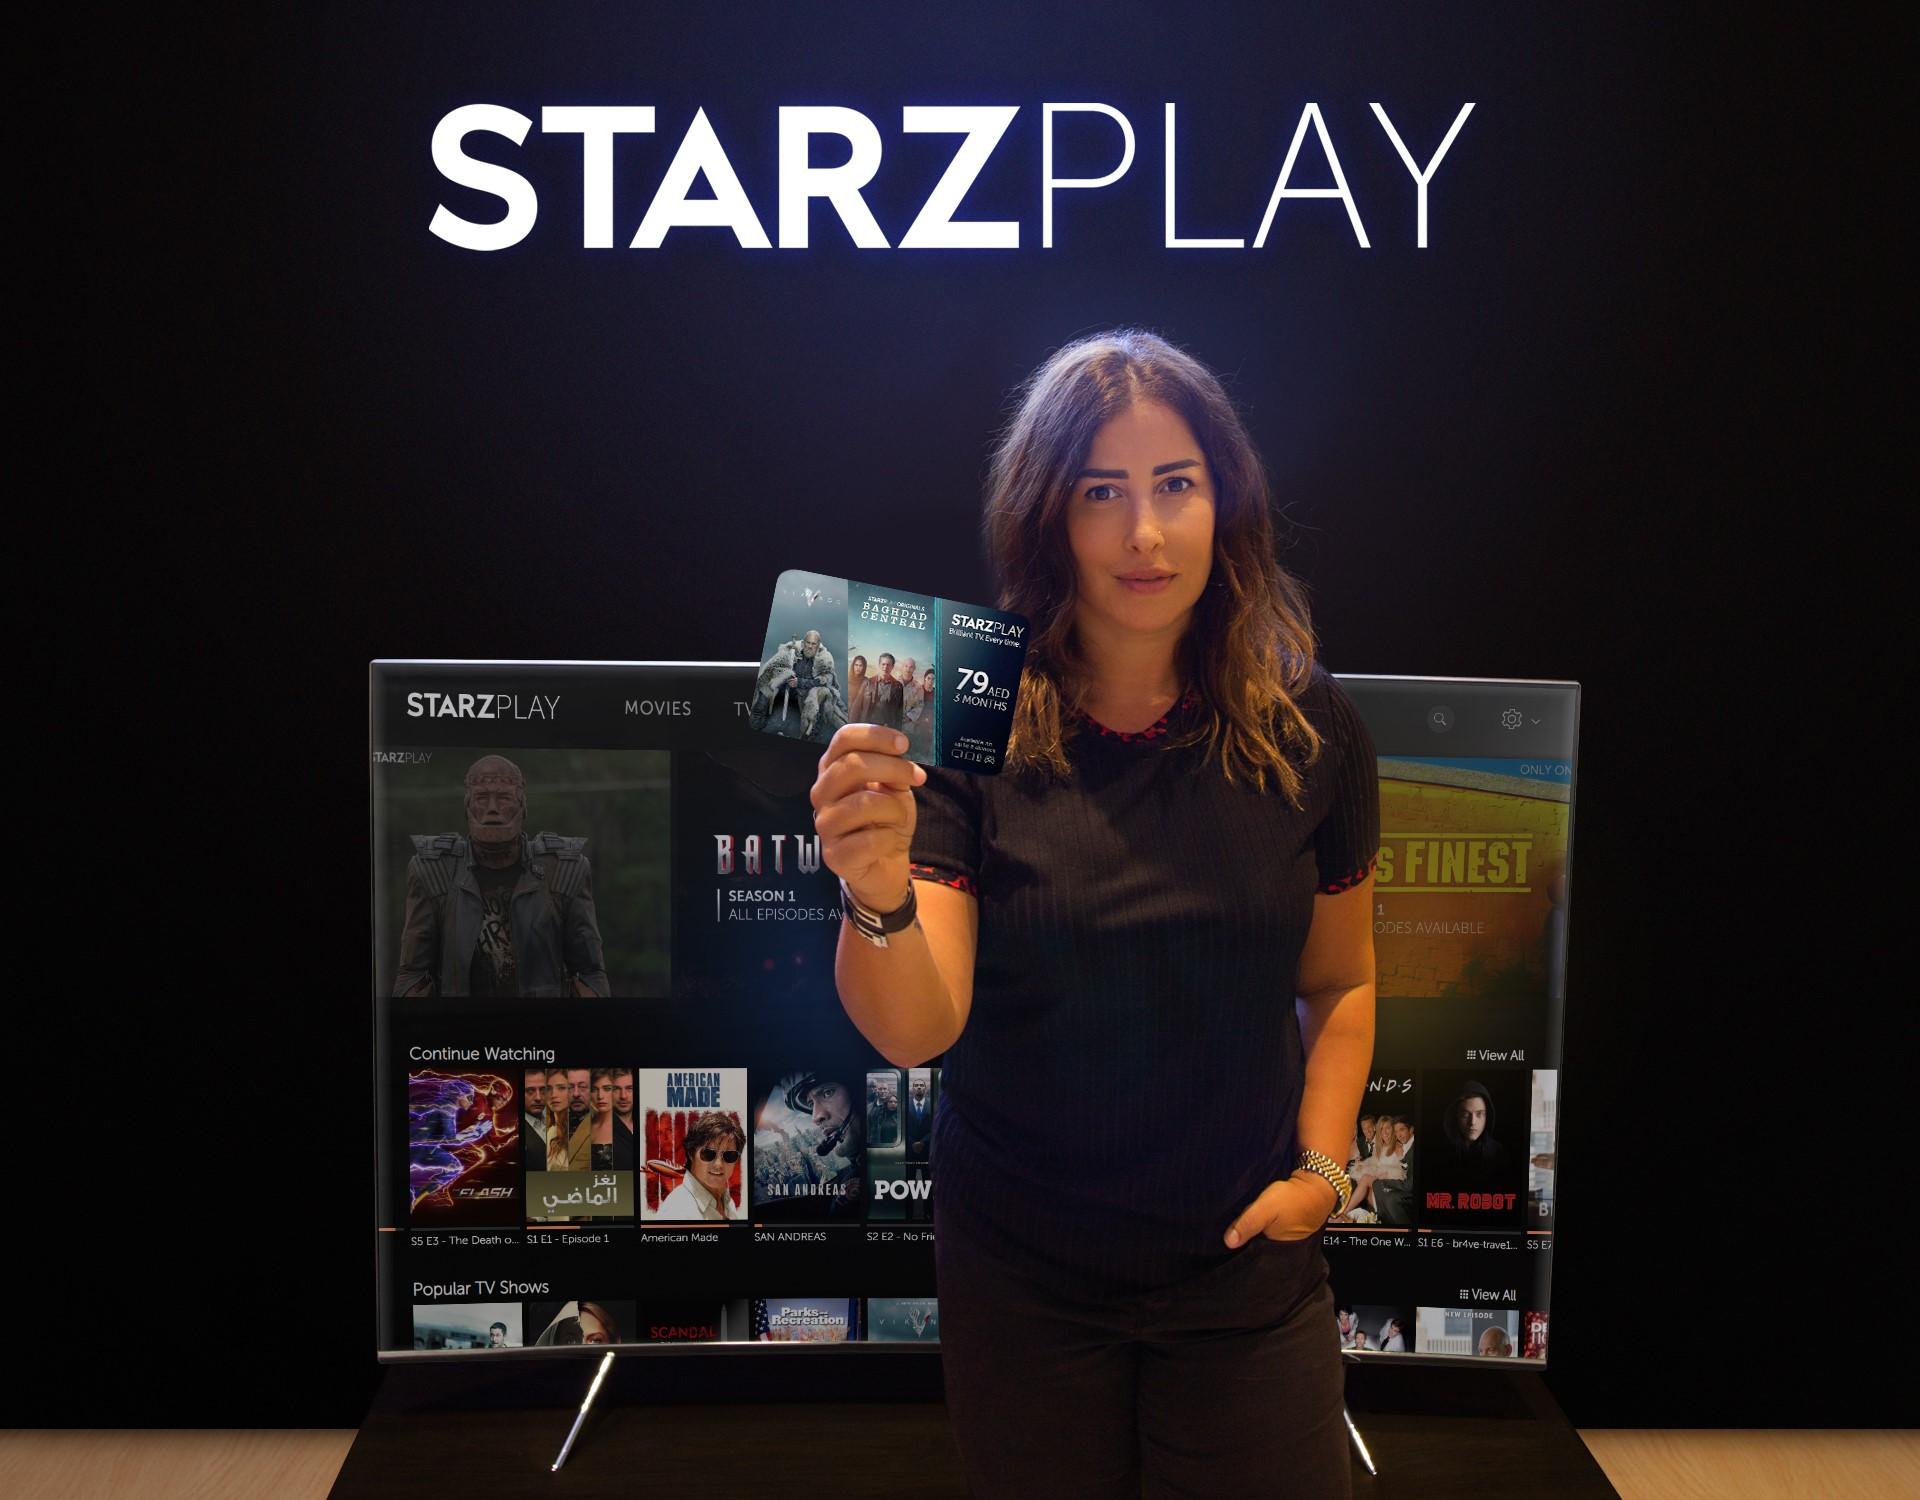 STARZPLAY تطلق قسائم الهدايا الإلكترونية للاشتراك في منصتها احتفالاً بعيد الأضحى المبارك